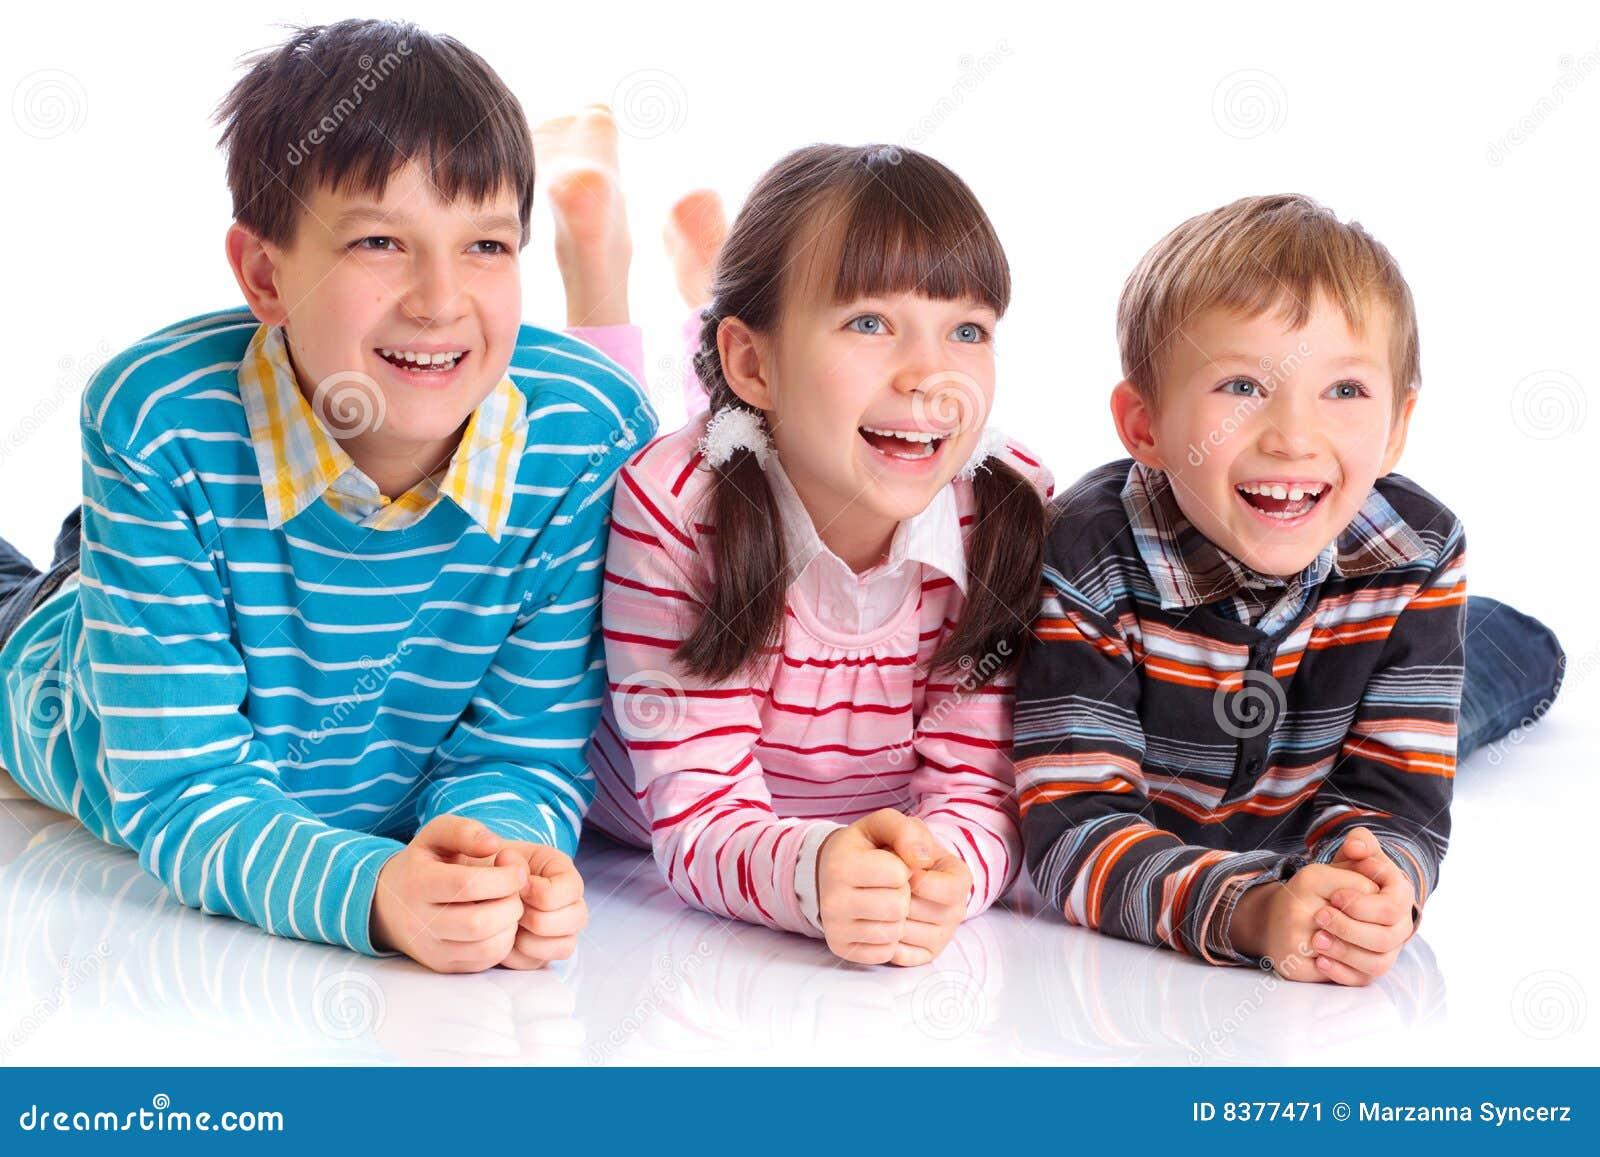 kids at 1 - photo #8